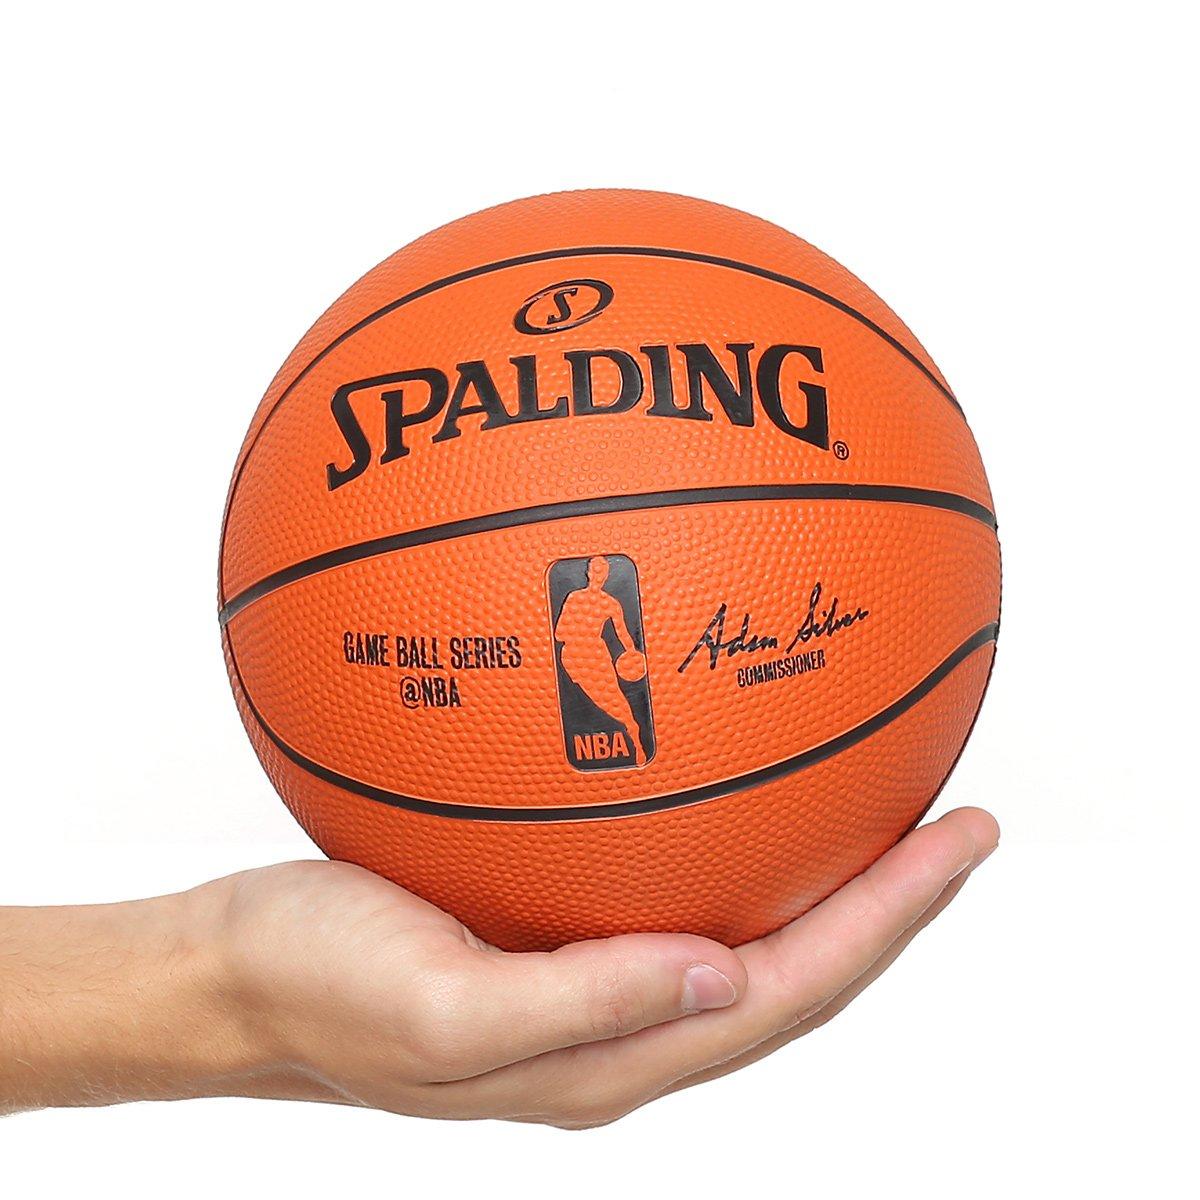 736bc610a Mini Bola Basquete Spalding NBA Game Ball Réplica Outdoor Rubber Tam 3 -  Laranja - Compre Agora